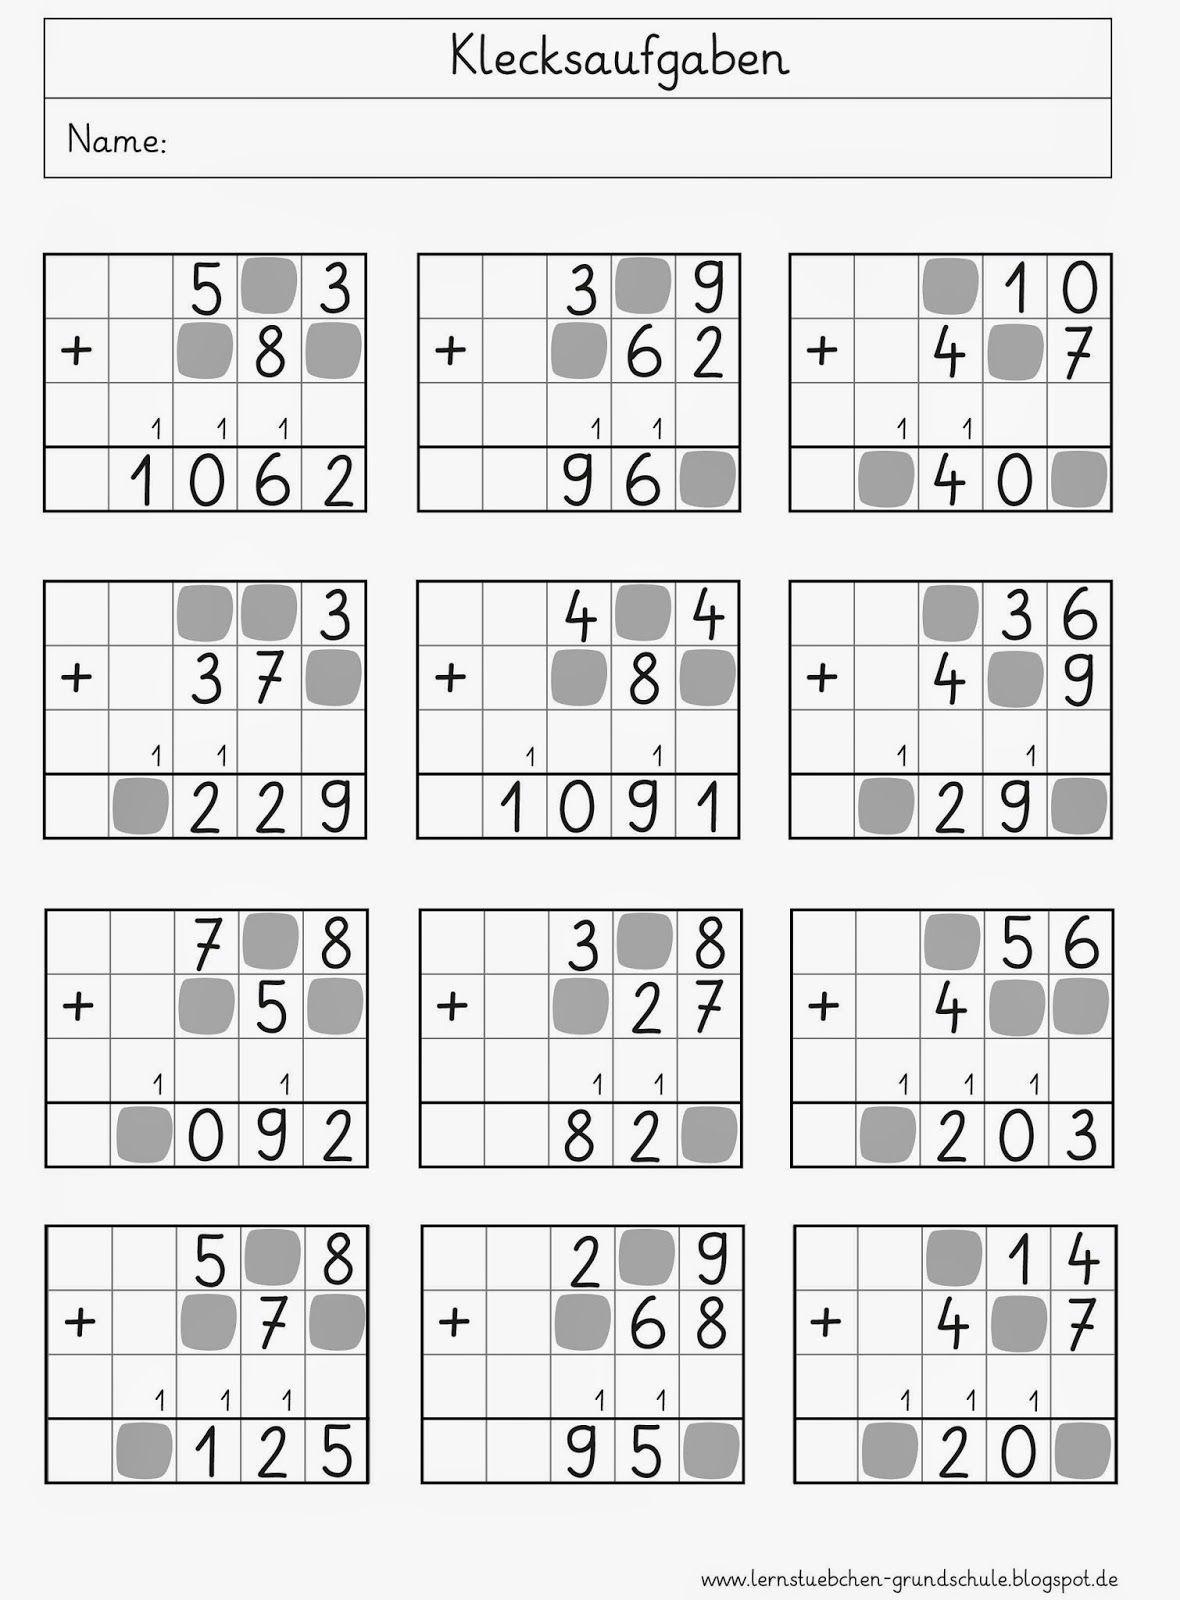 Klecksaufgaben (Lernstübchen) | Pinterest | Rätsel, Das neue und Mathe